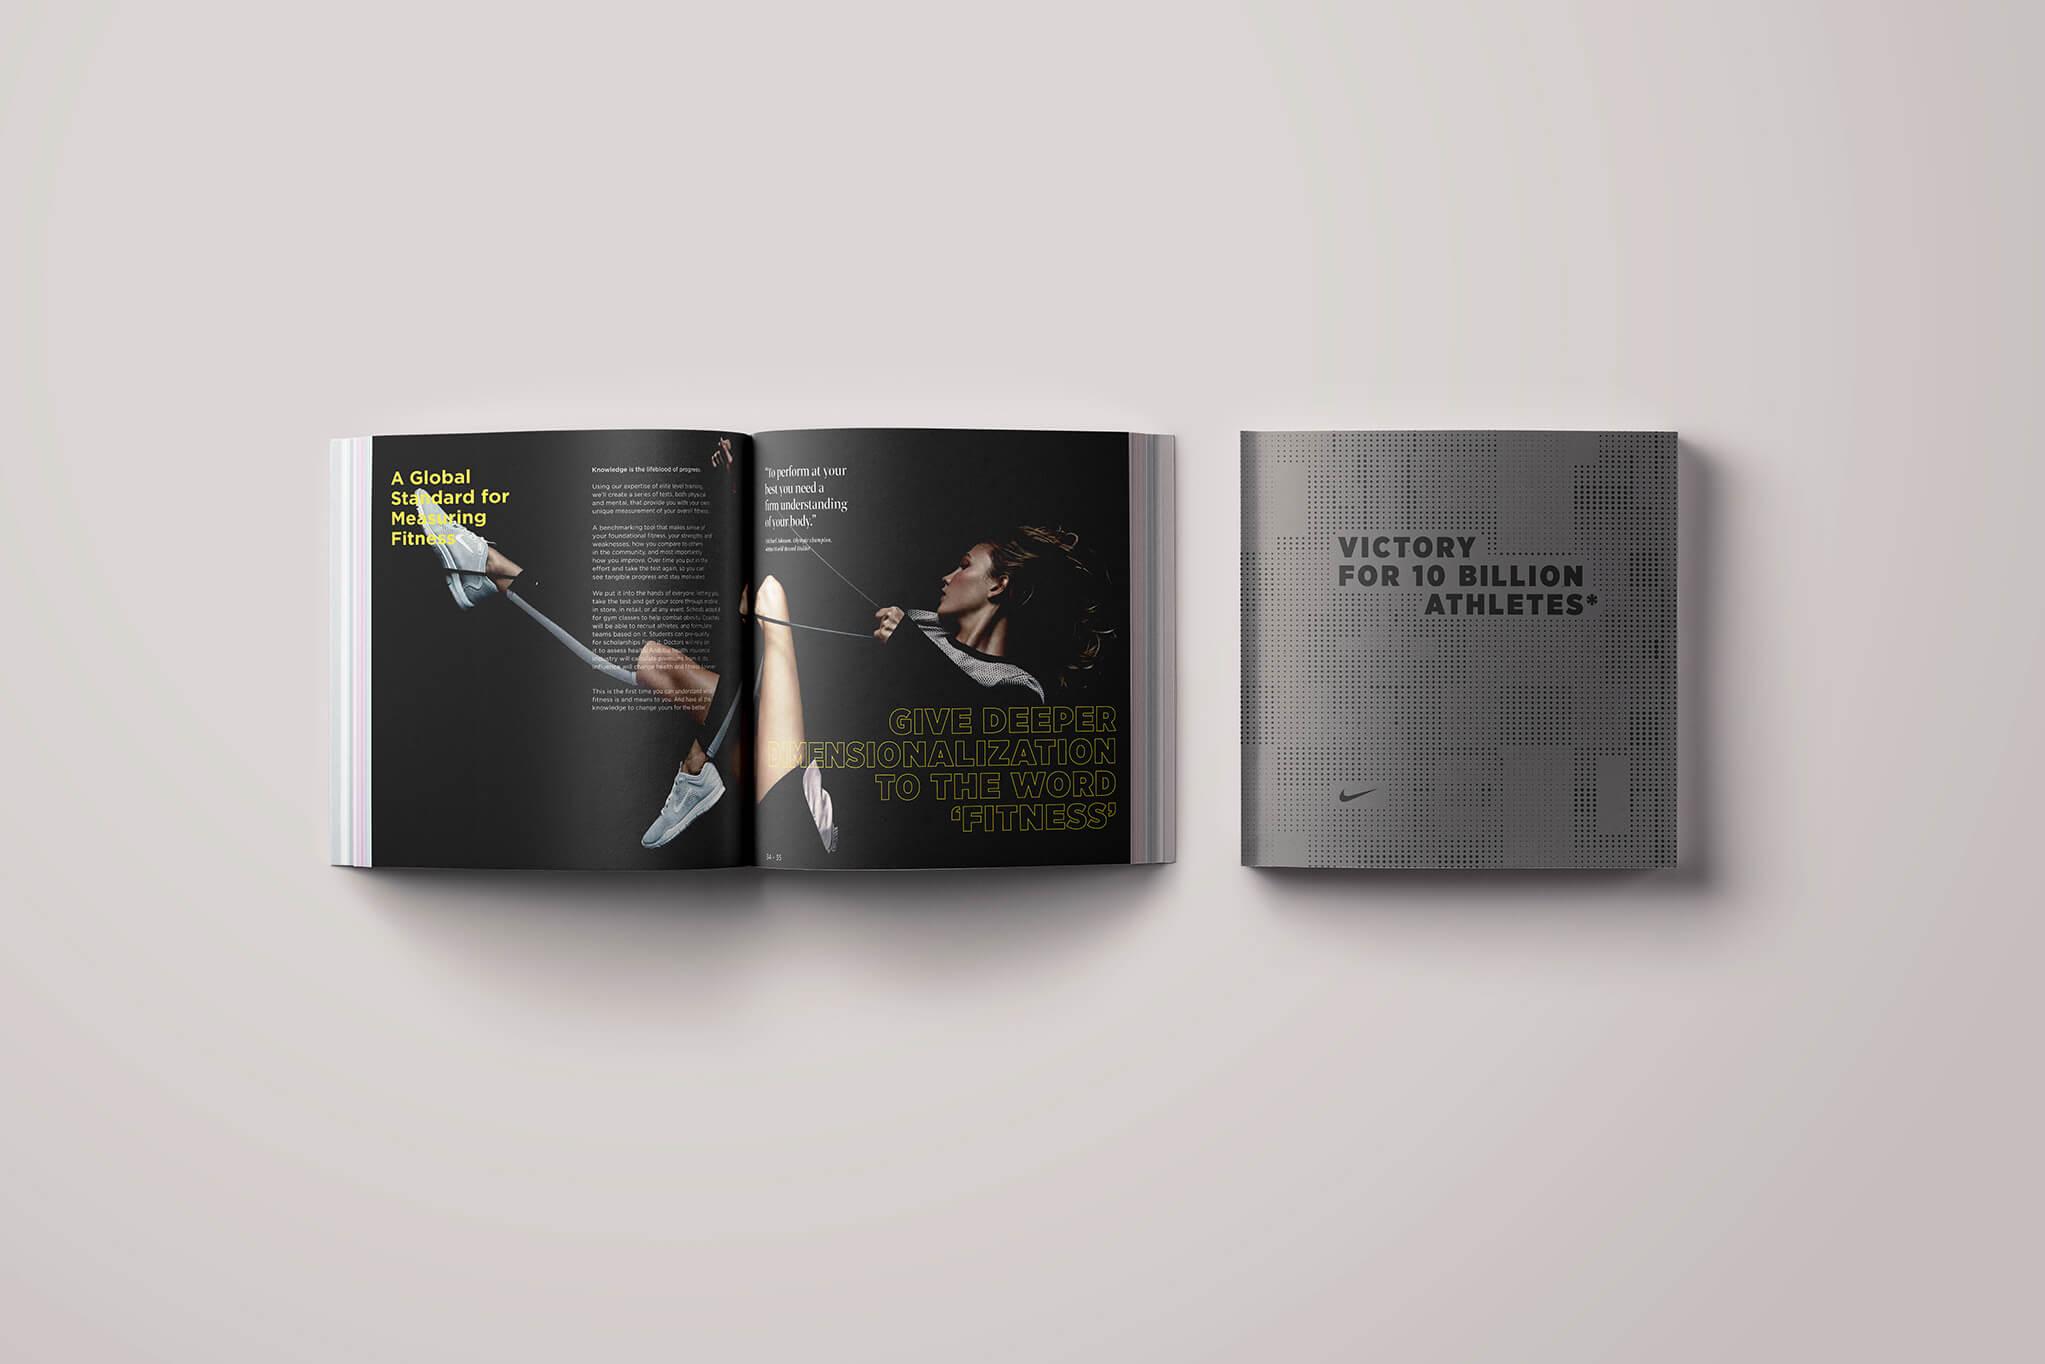 NIKE-BOOK20170507_003